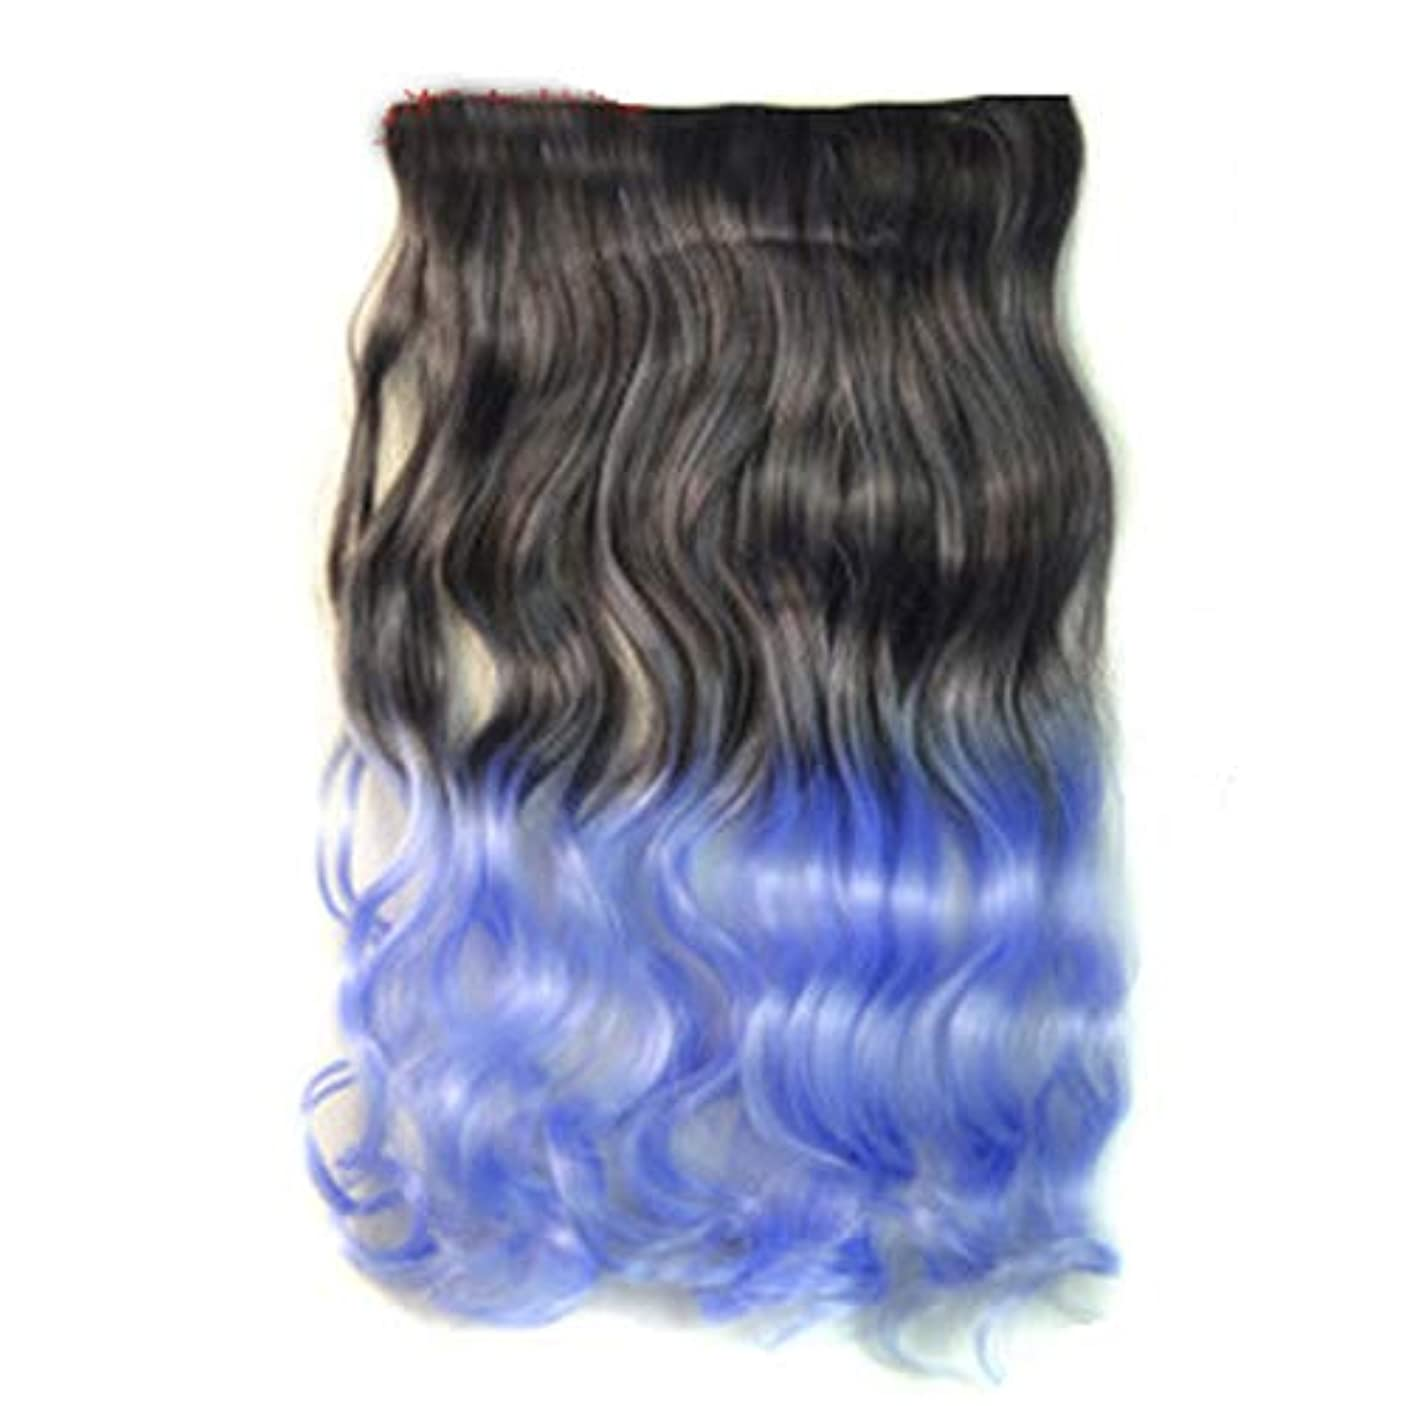 リーハンサム発火するWTYD 美容ヘアツール ワンピースシームレスヘアエクステンションピースカラーグラデーション大波ロングカーリングクリップタイプヘアピース